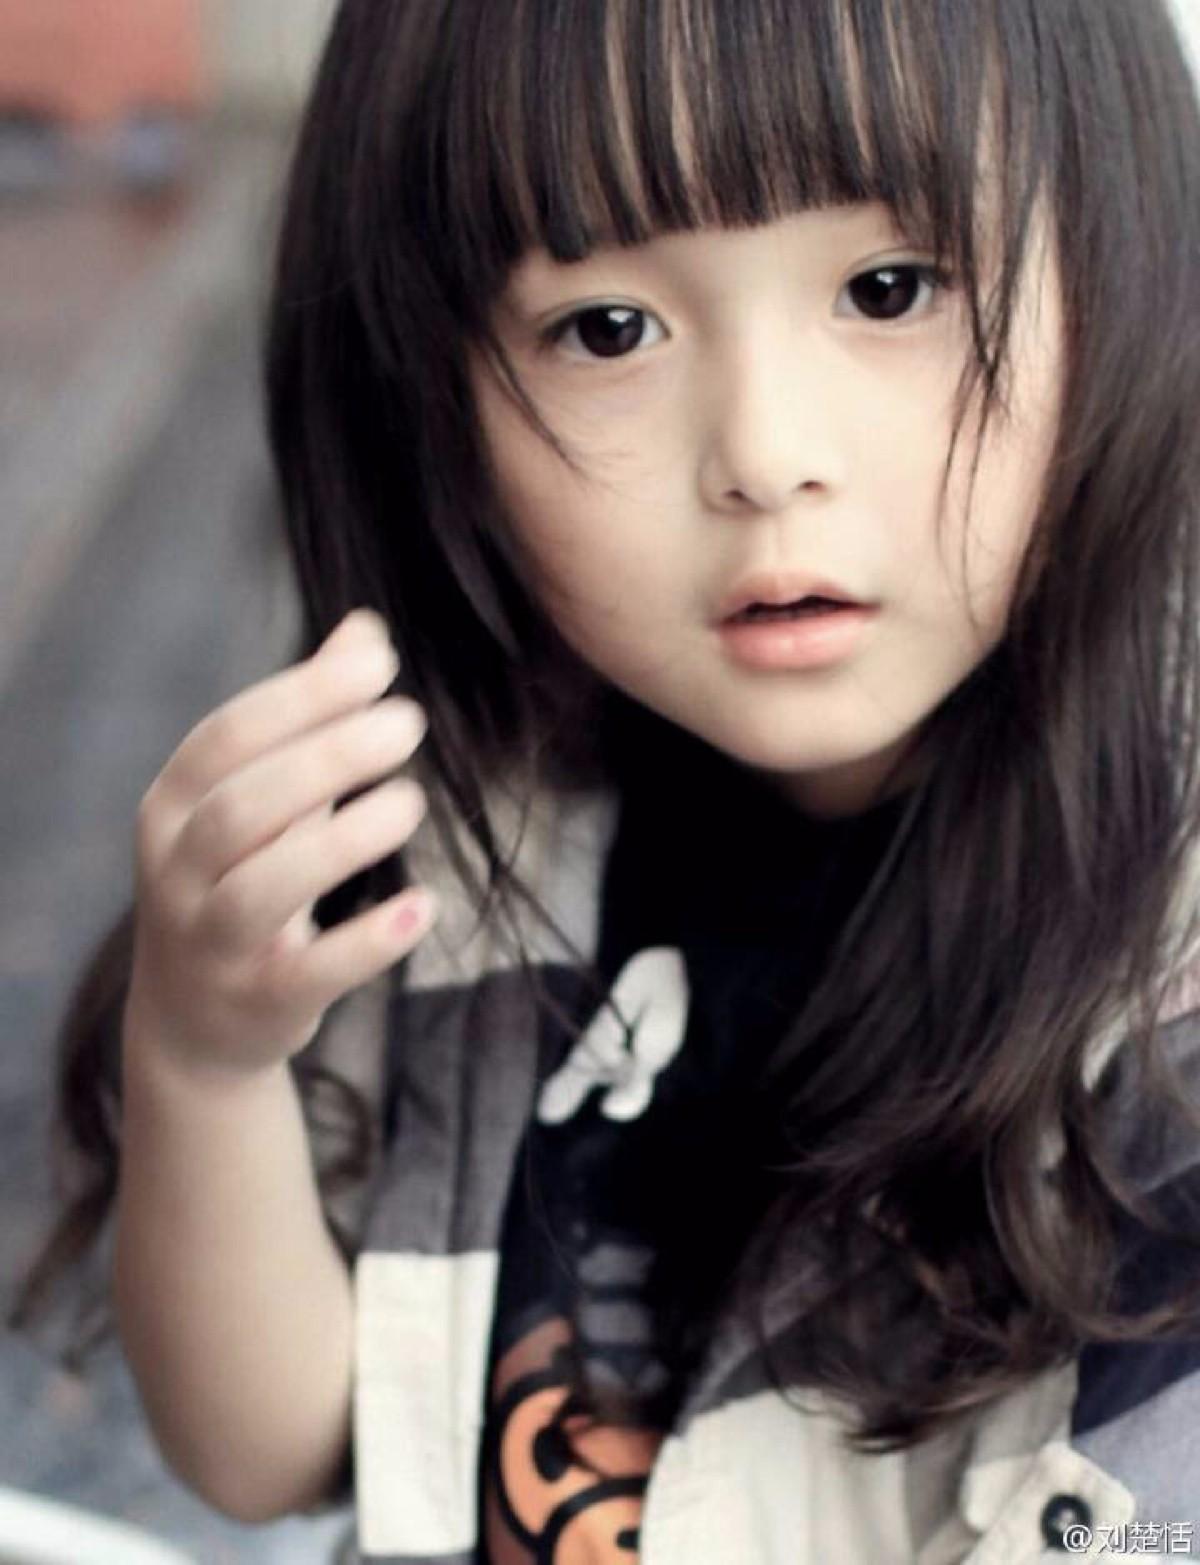 可爱的女孩图片.(10~15岁)